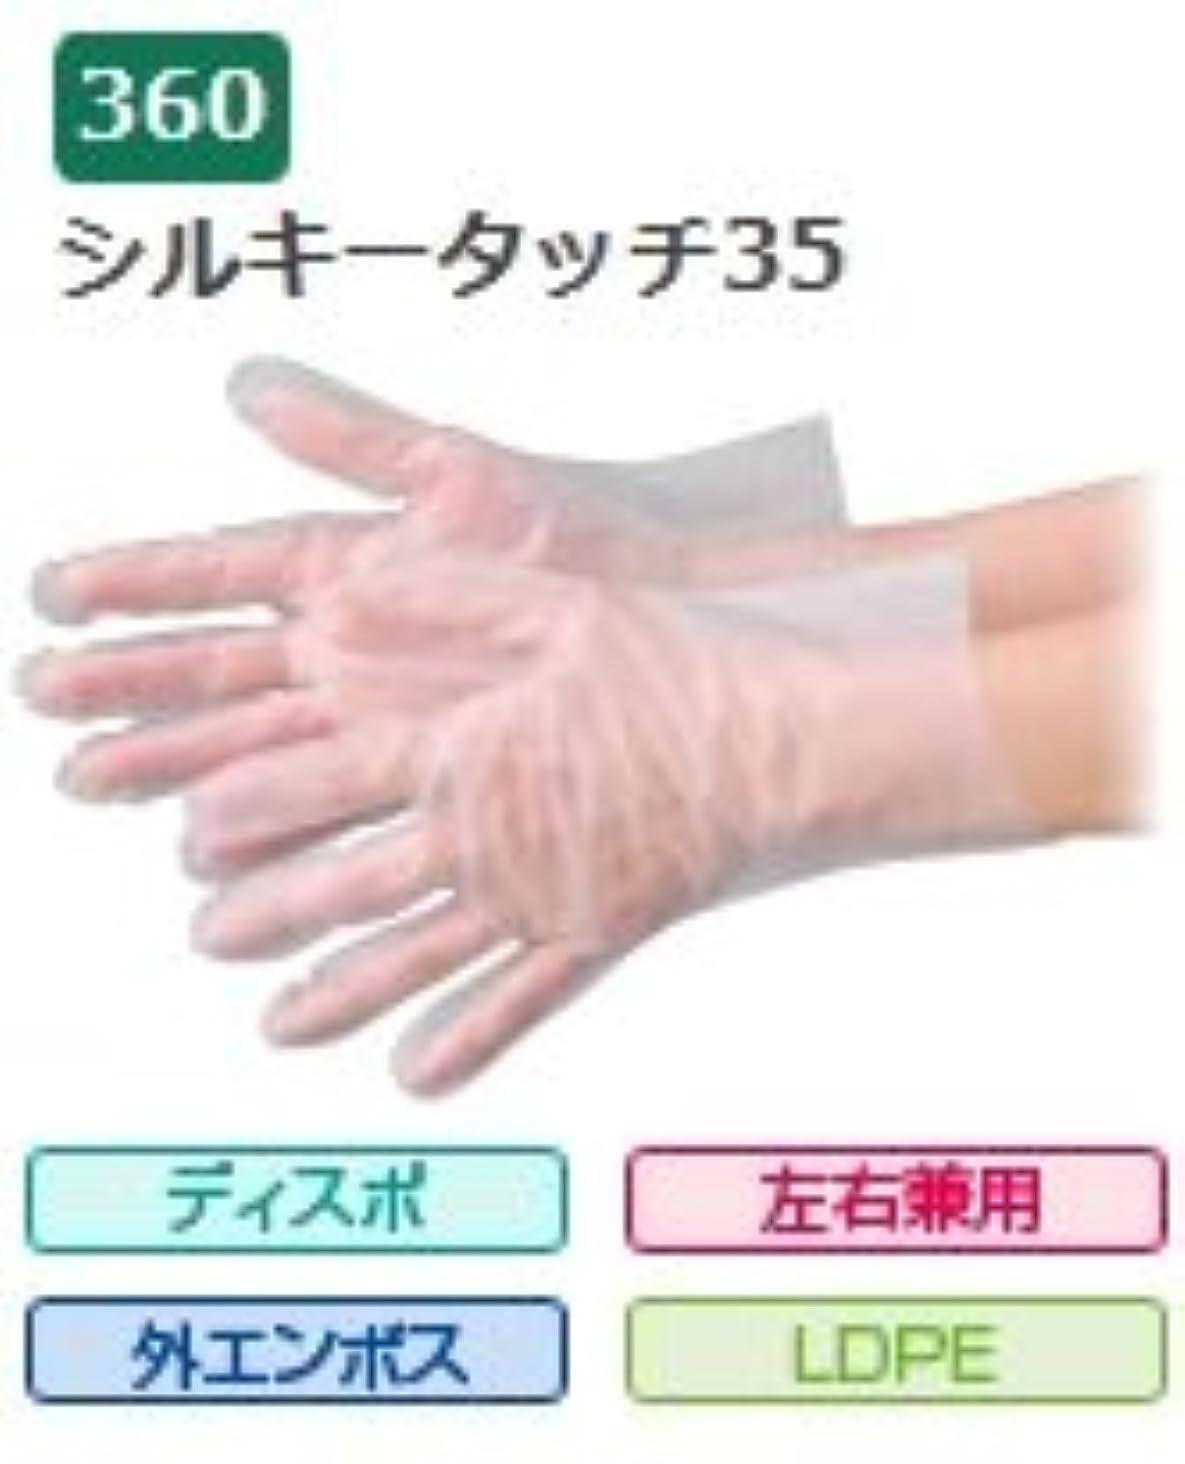 乳ここにタイルエブノ ポリエチレン手袋 No.360 M 半透明 (100枚×50袋) シルキータッチ35 袋入